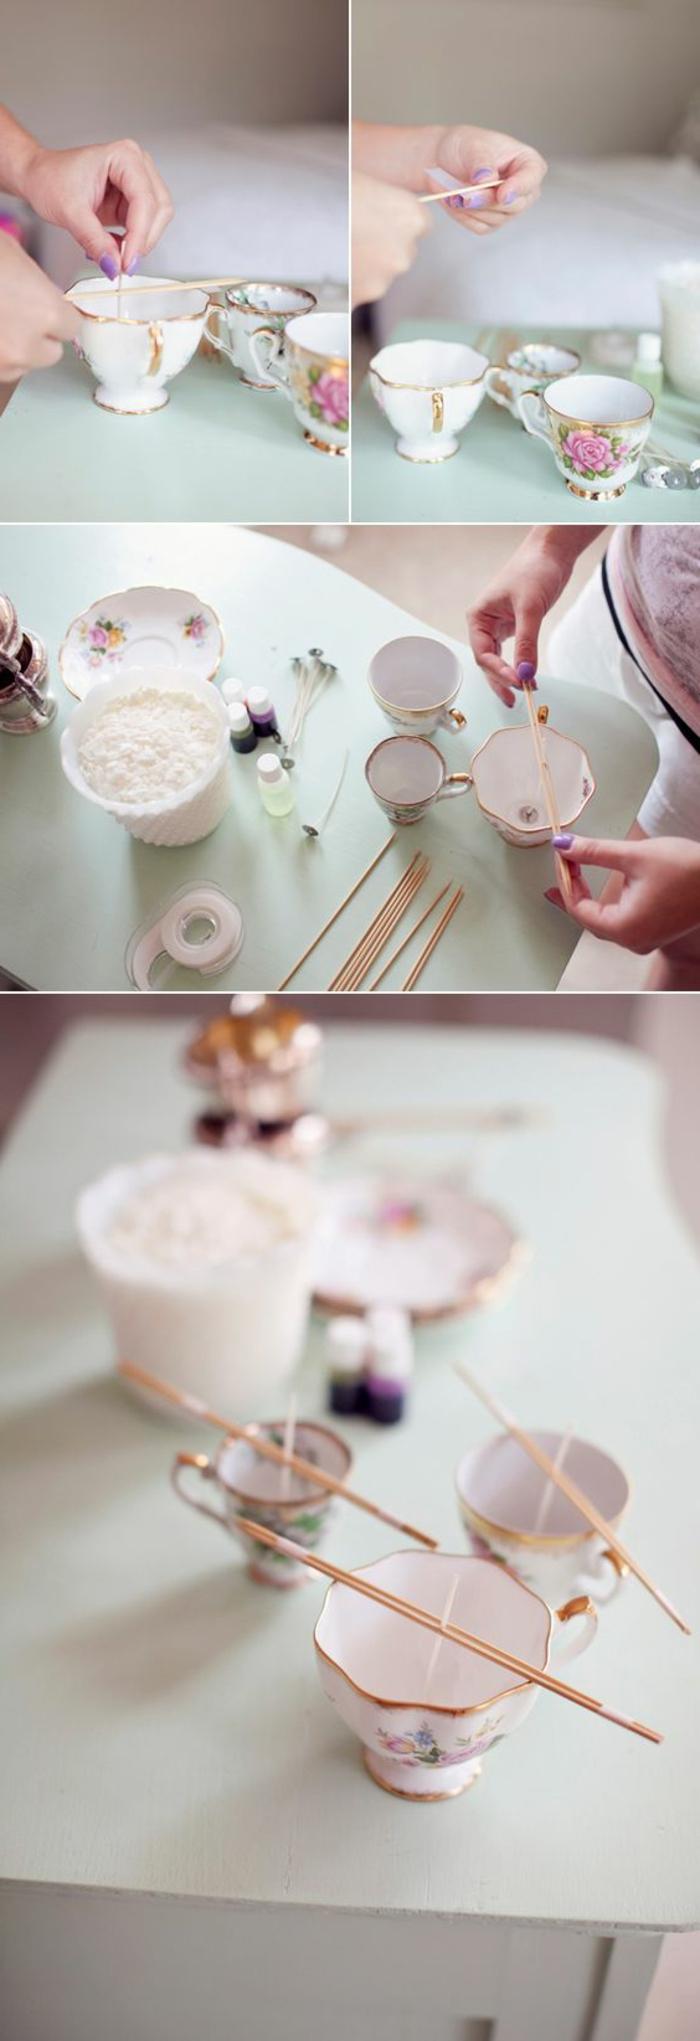 diy bougie facile à fabriquer, tutoriel pour apprendre à faire une bougie dans une tasse de thé, faire fondre une cire